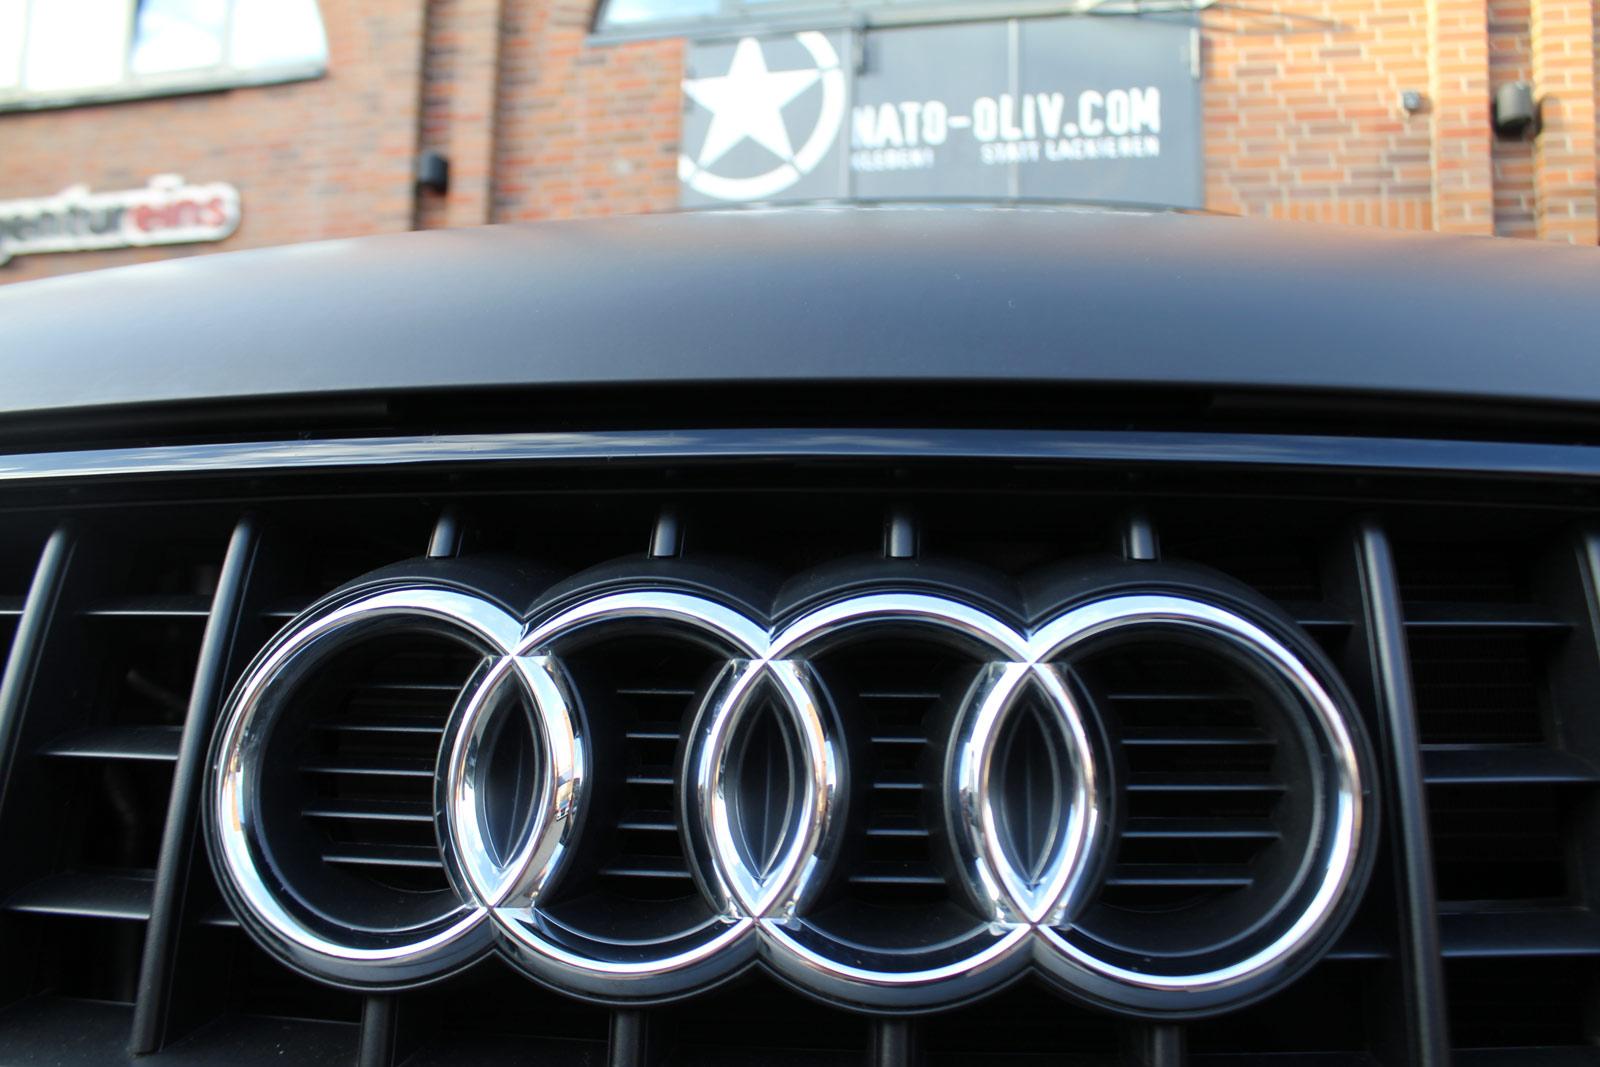 Audi_Q7_Folienbeklebung_Schwarz_Ultramatt_36